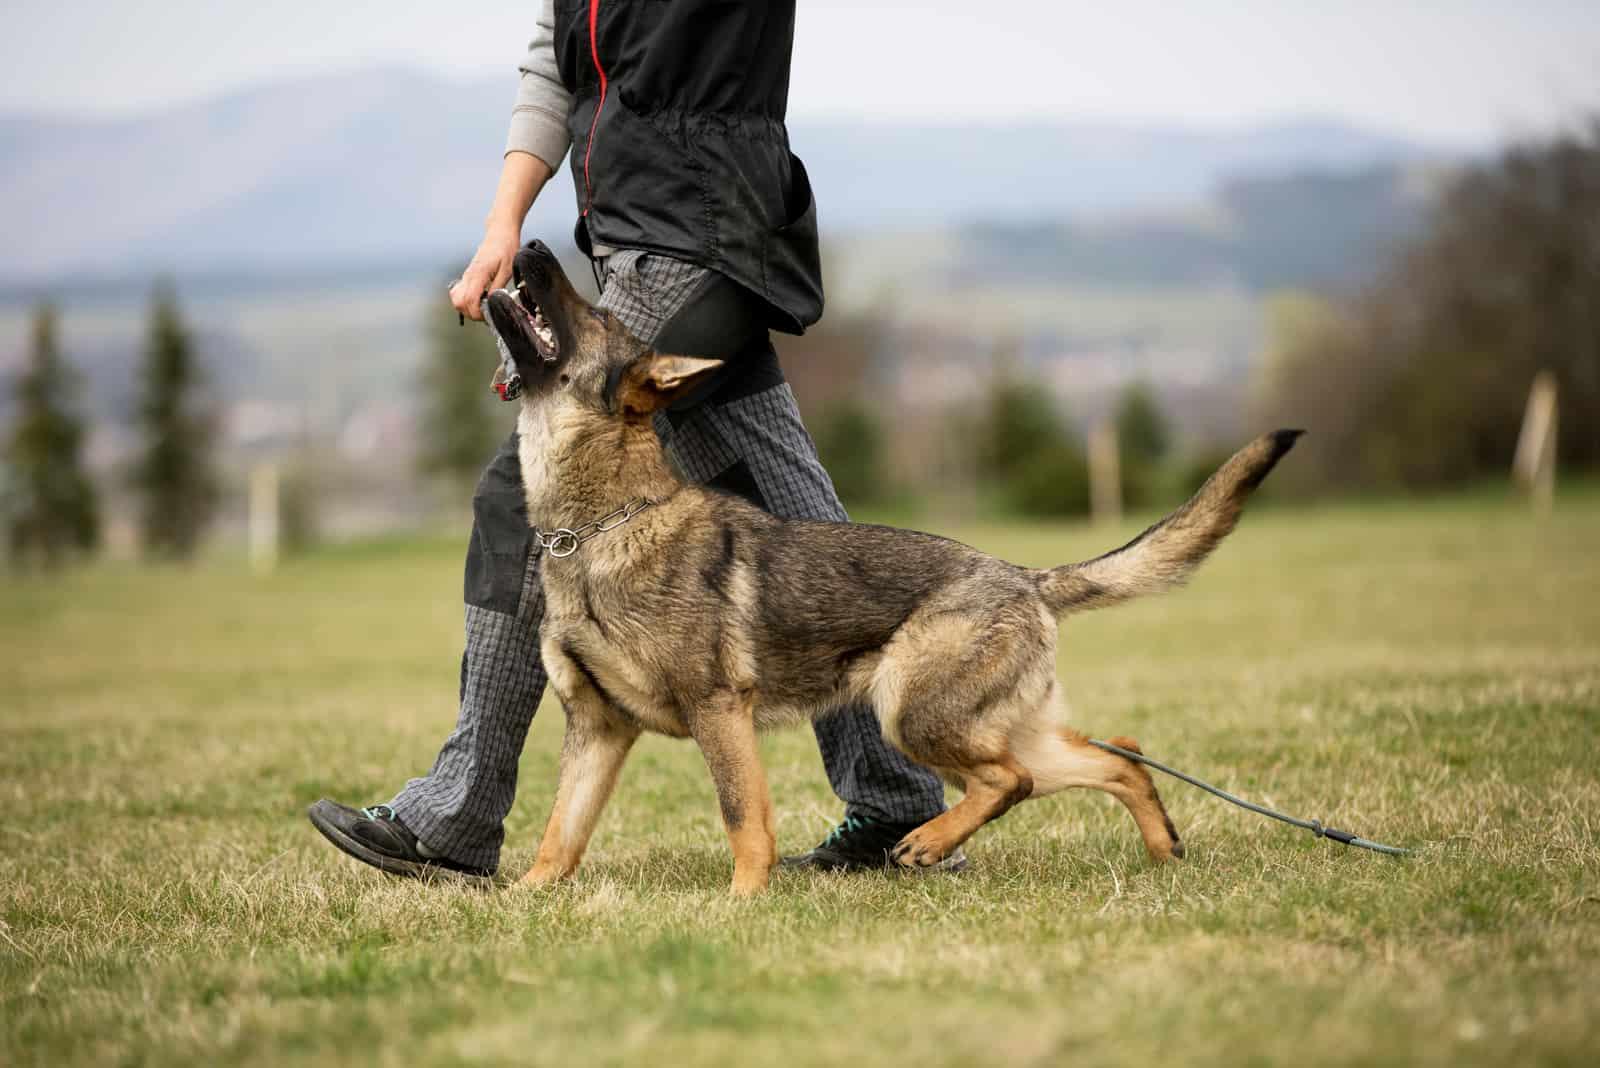 a man trains a German Shepherd